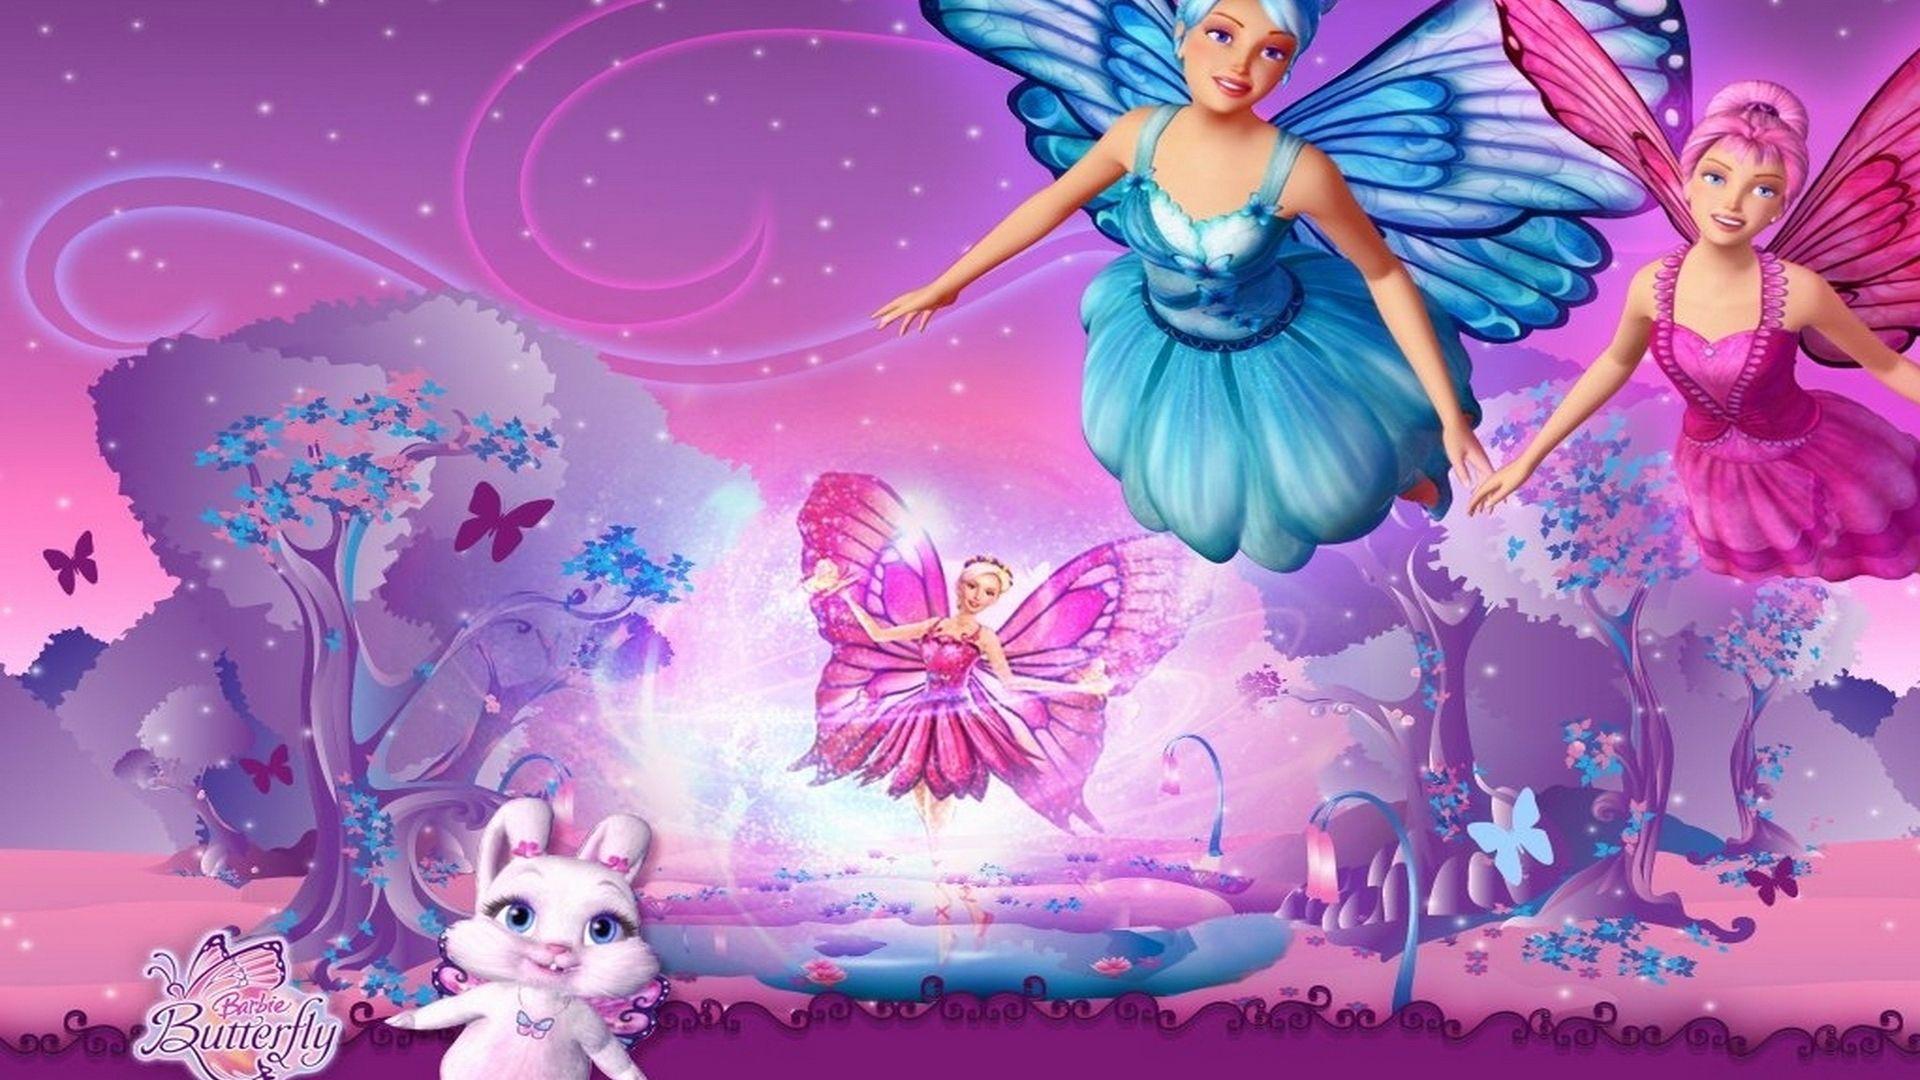 Barbie Cartoon Wallpapers - Top Free Barbie Cartoon ...